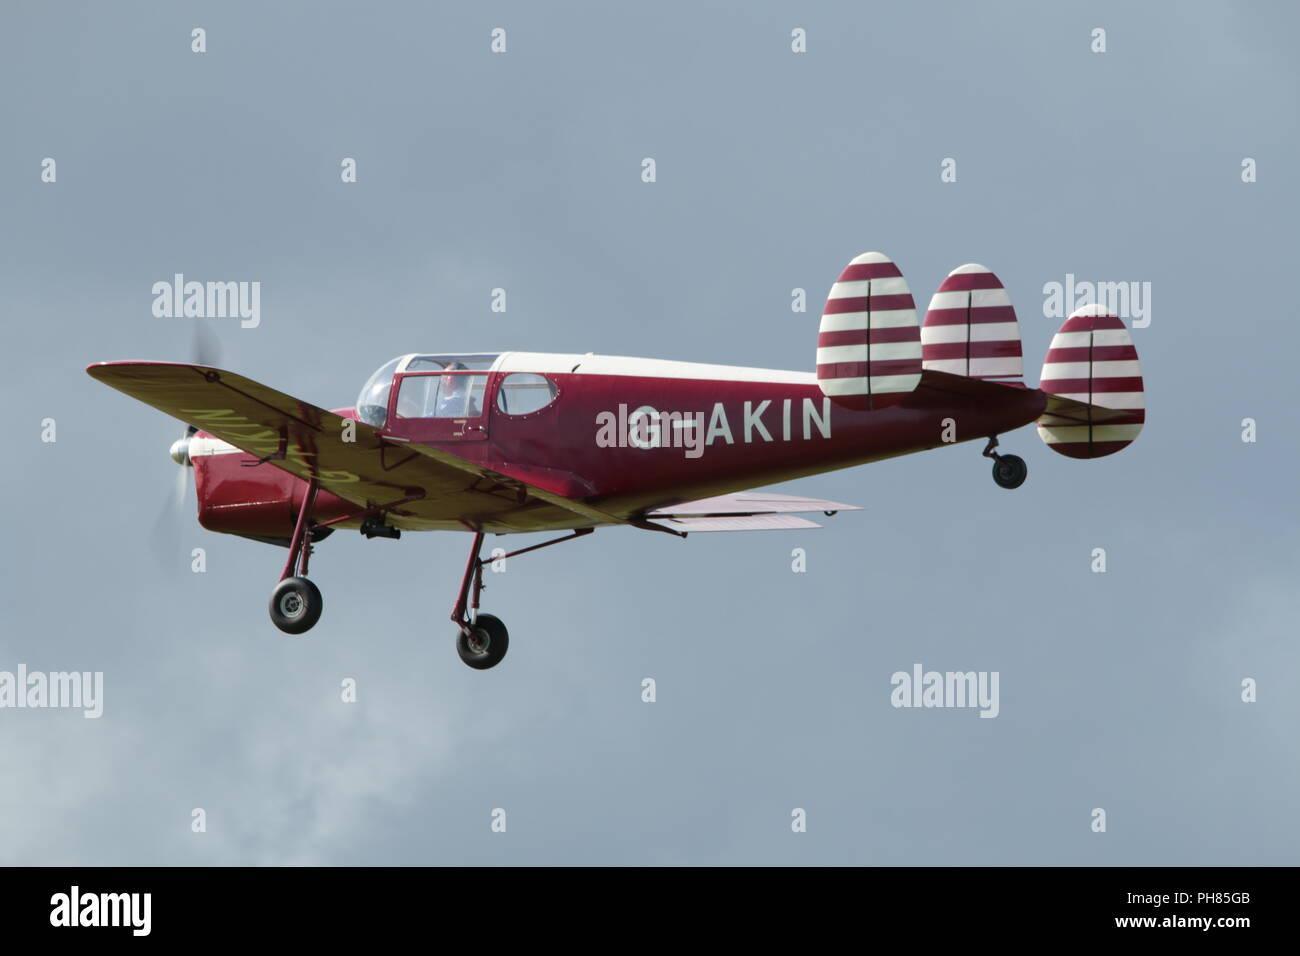 airplane G-AKIN - Stock Image